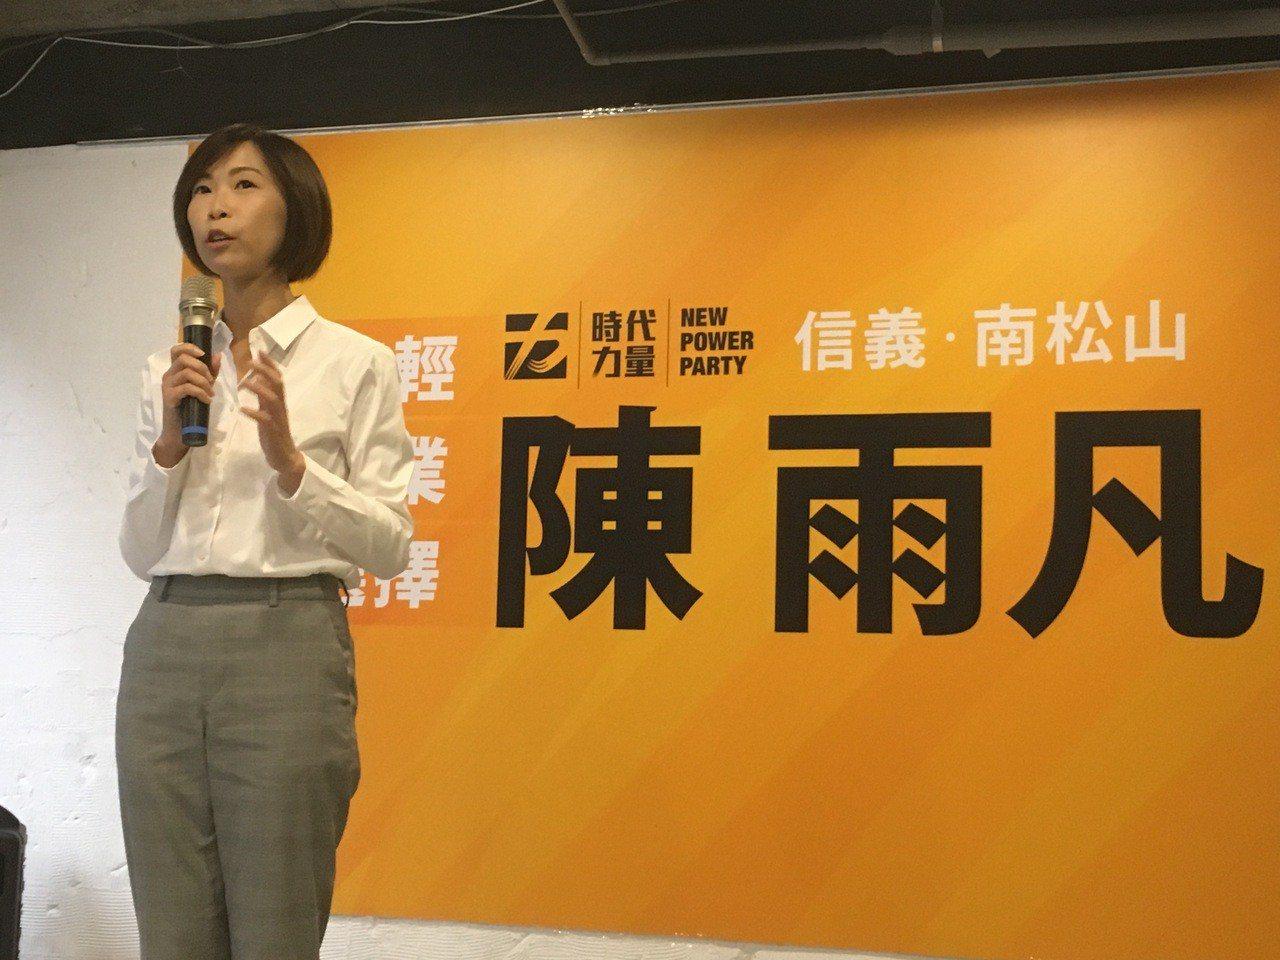 台北市立委第七選區(信義、南松山),時代力量今天宣布,將推派民間司法改革基金會執...